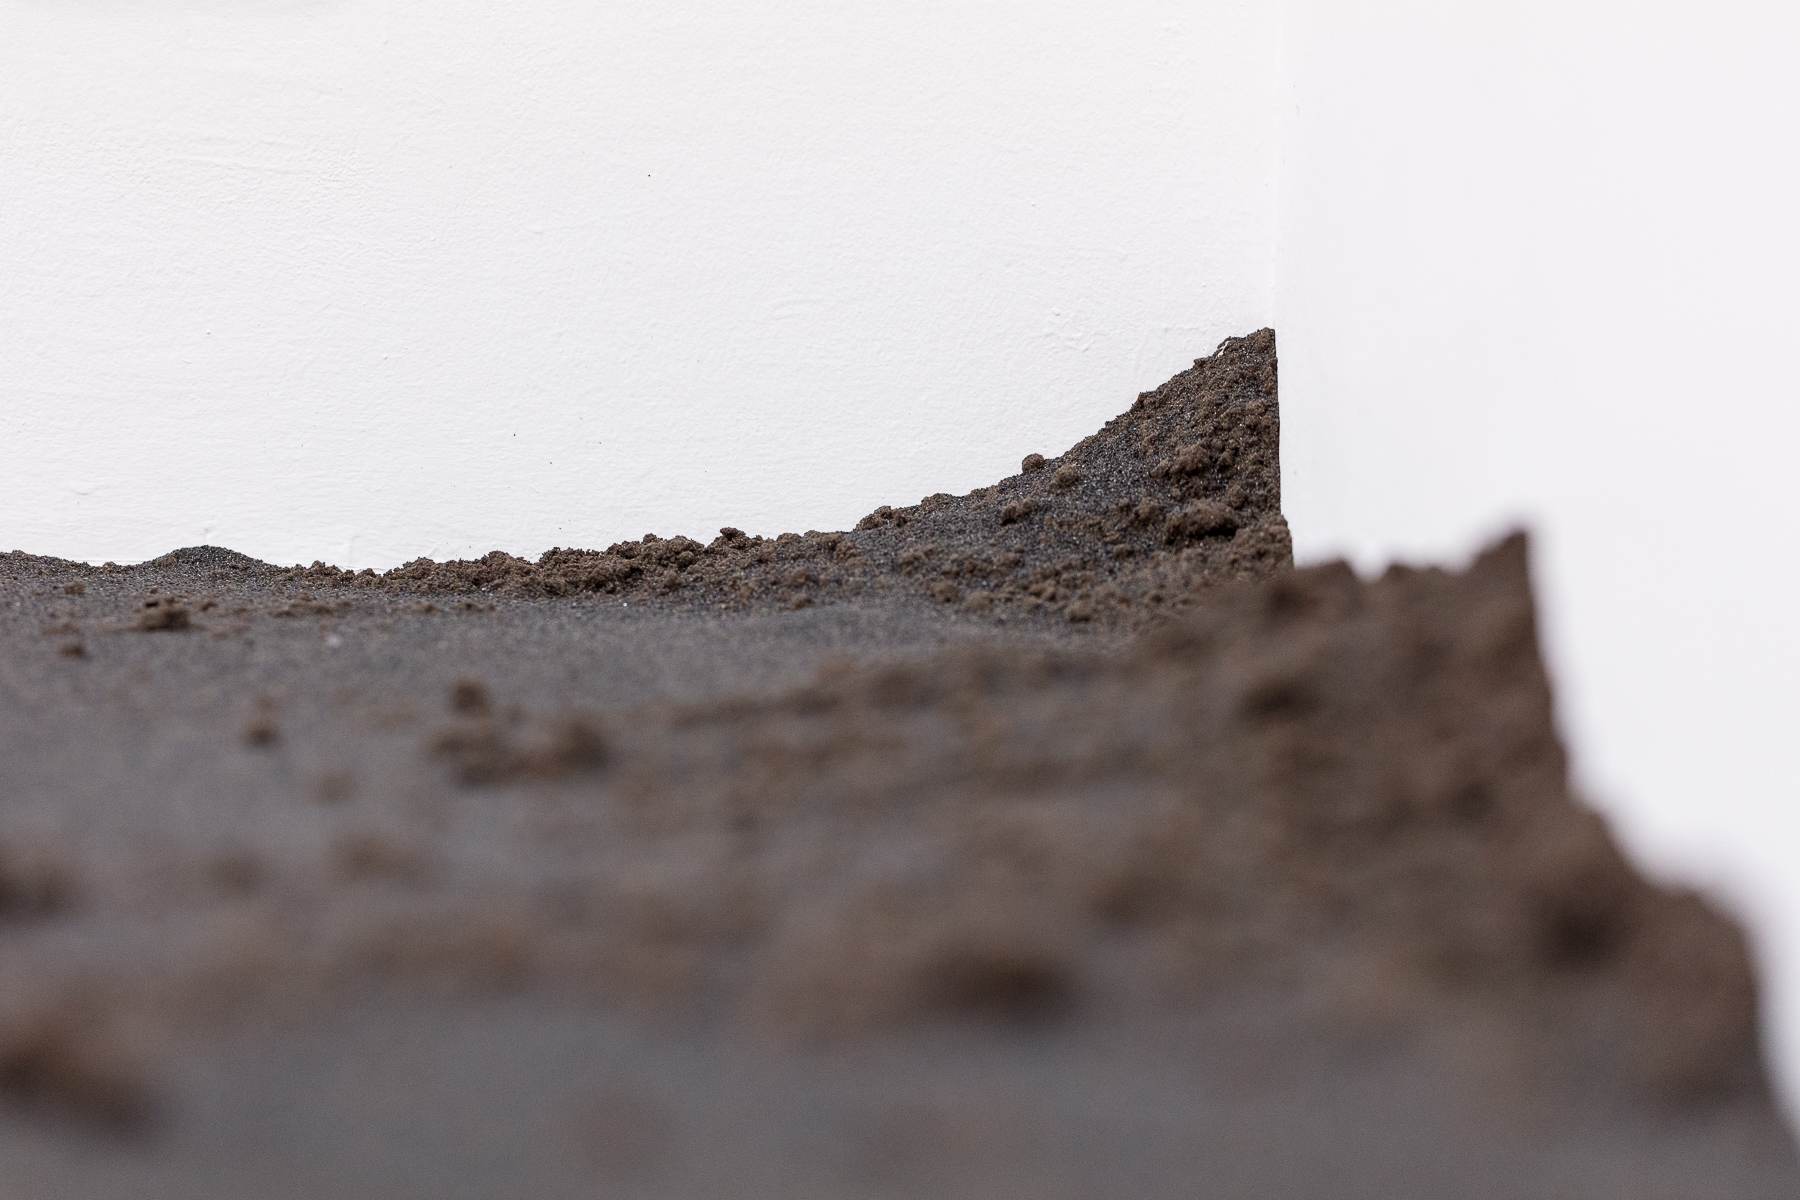 Angelika Loderer at Sophie Tappeiner Gallery_by Kunst-Dokumentation.com_027_web.jpg